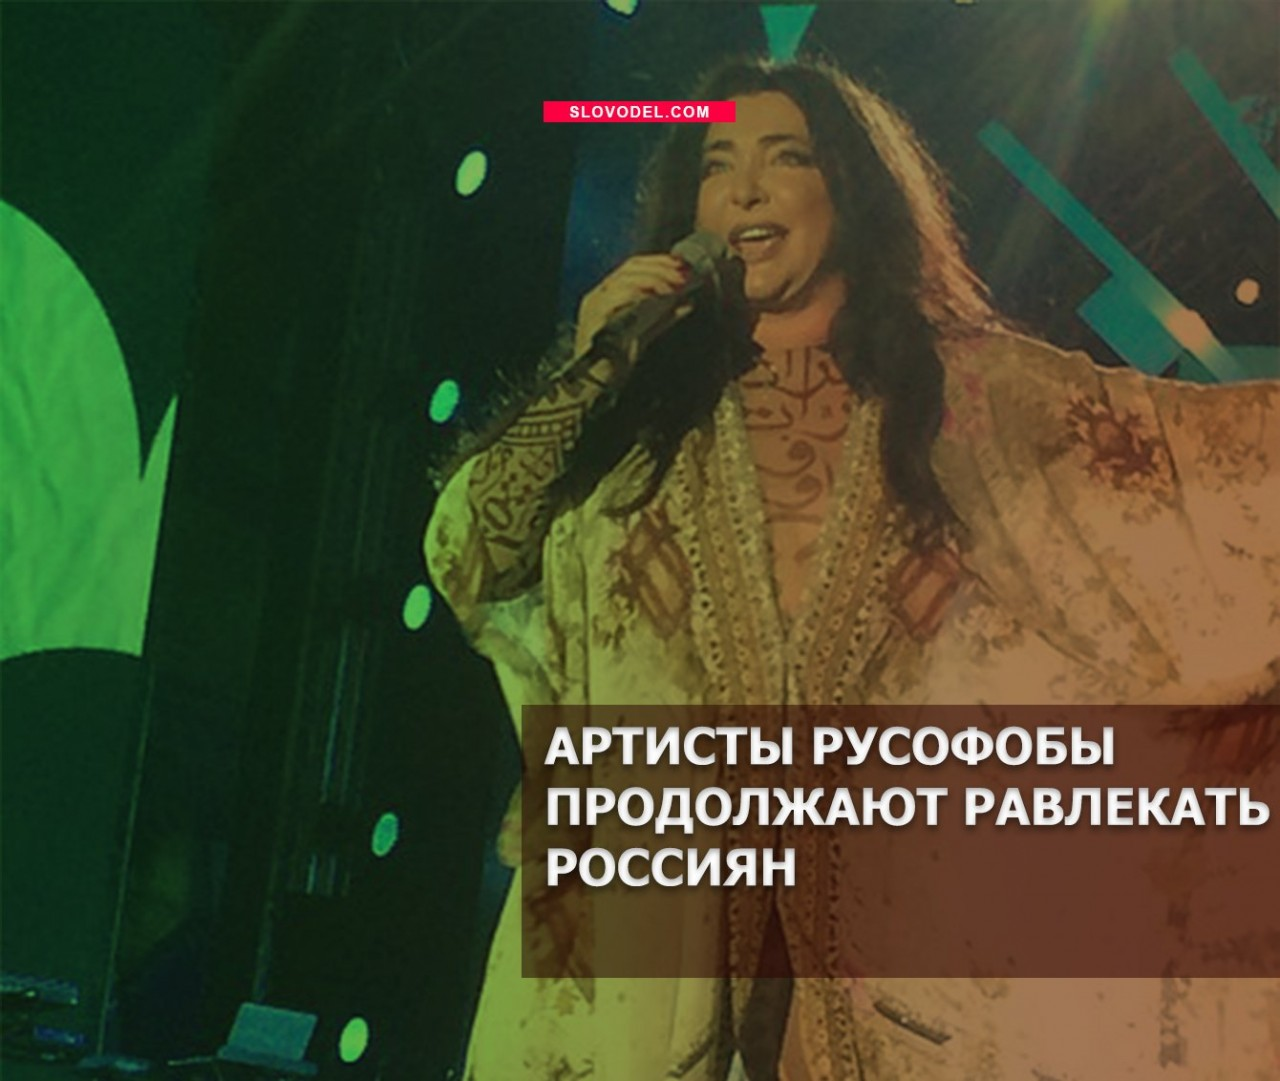 Артисты русофобы продолжают развлекать россиян